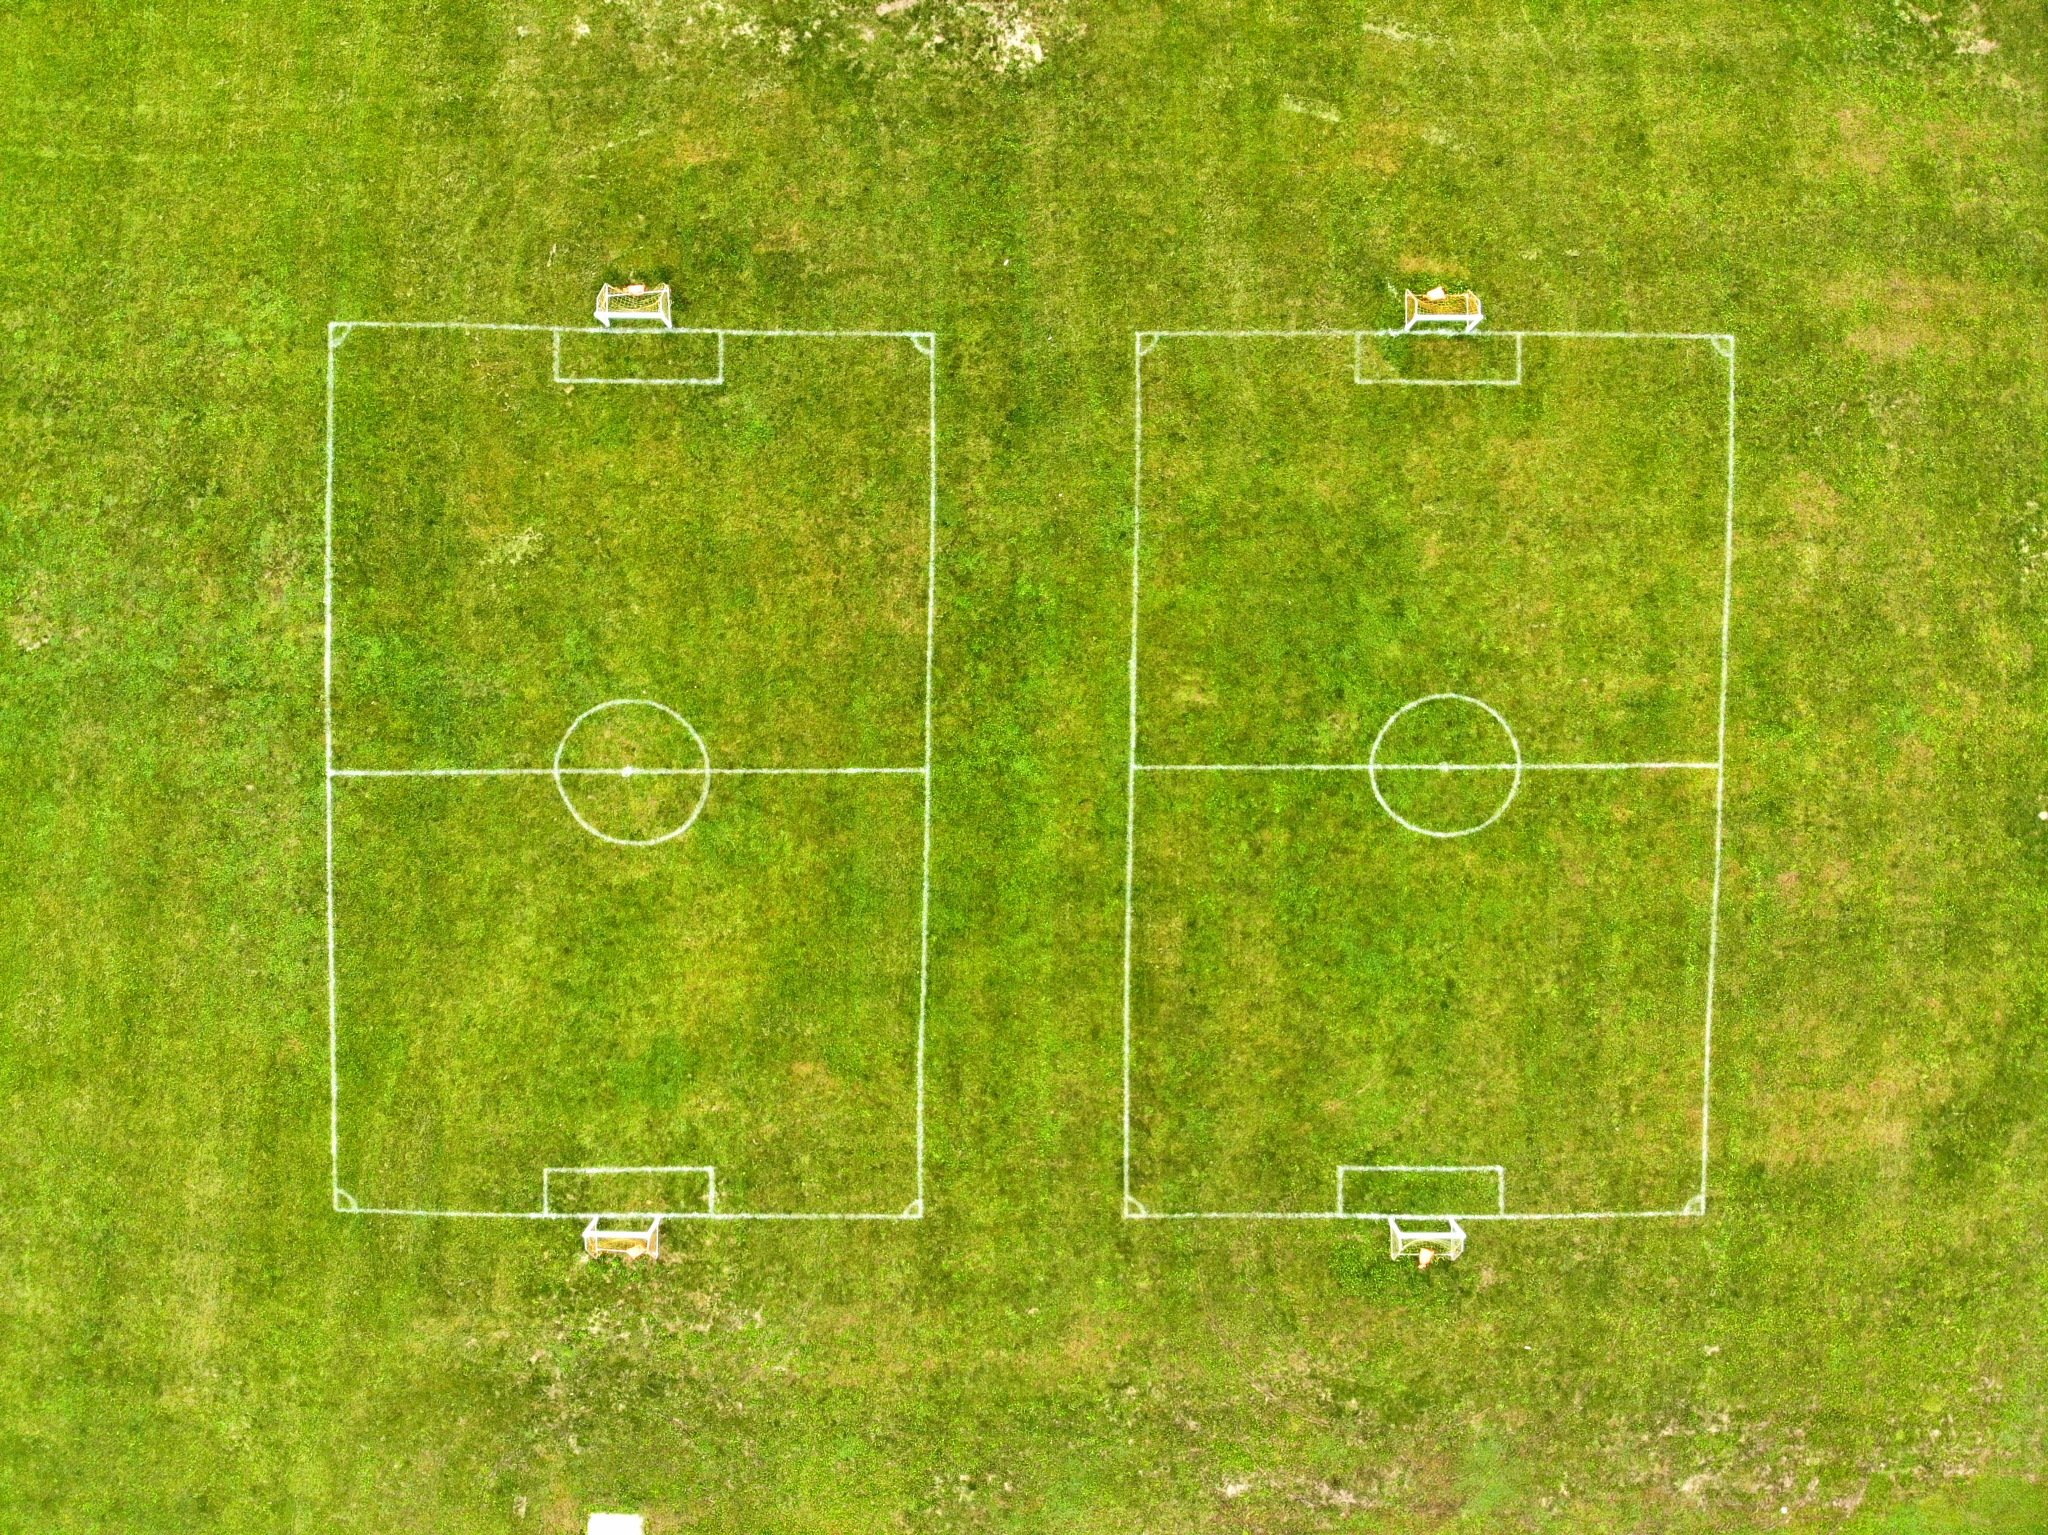 Soccer Fields by chuckhildebrandt7